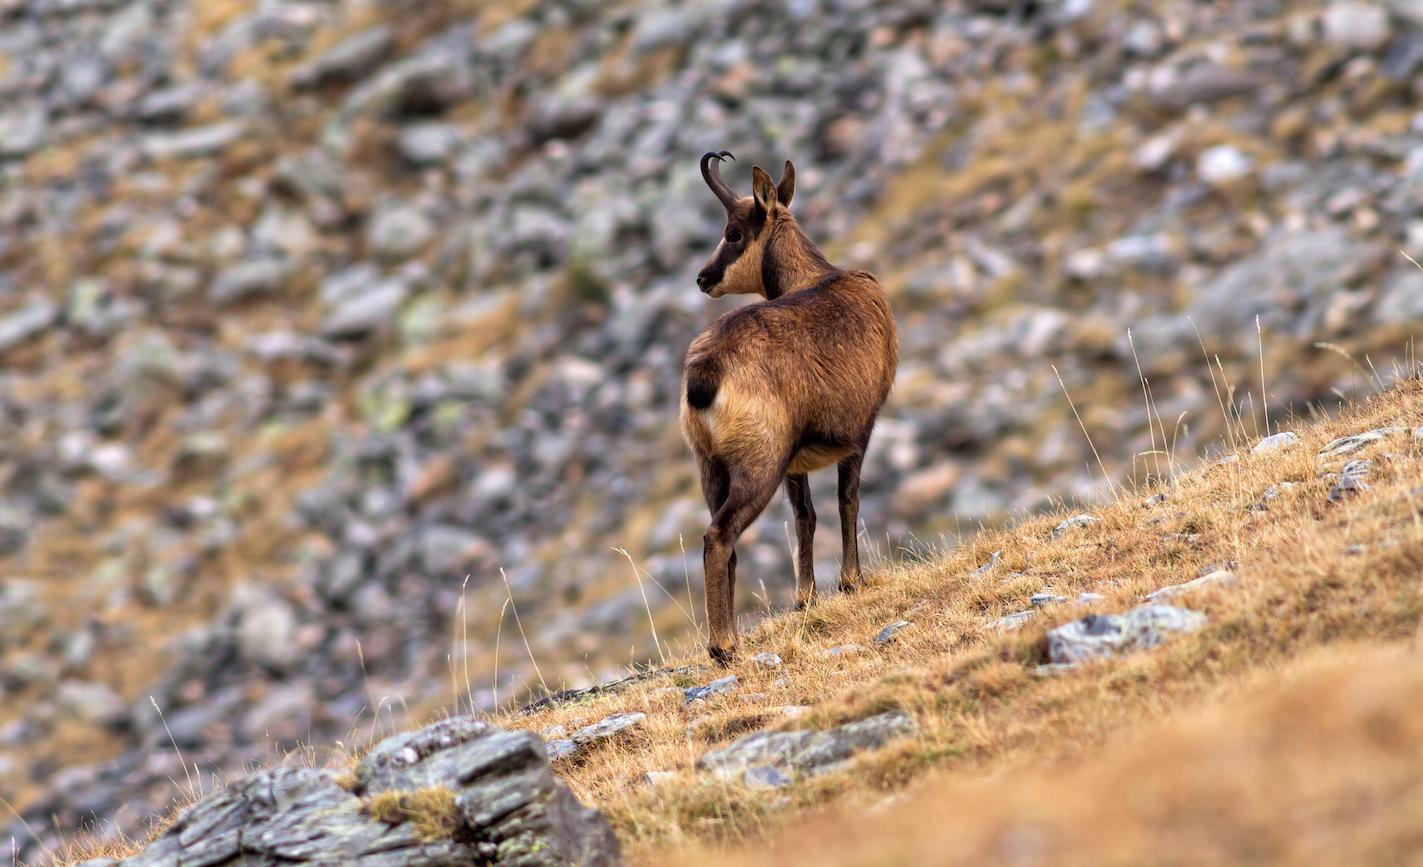 El Ayuntamiento de Canfranc saca a subasta 5 permisos de caza de sarrio